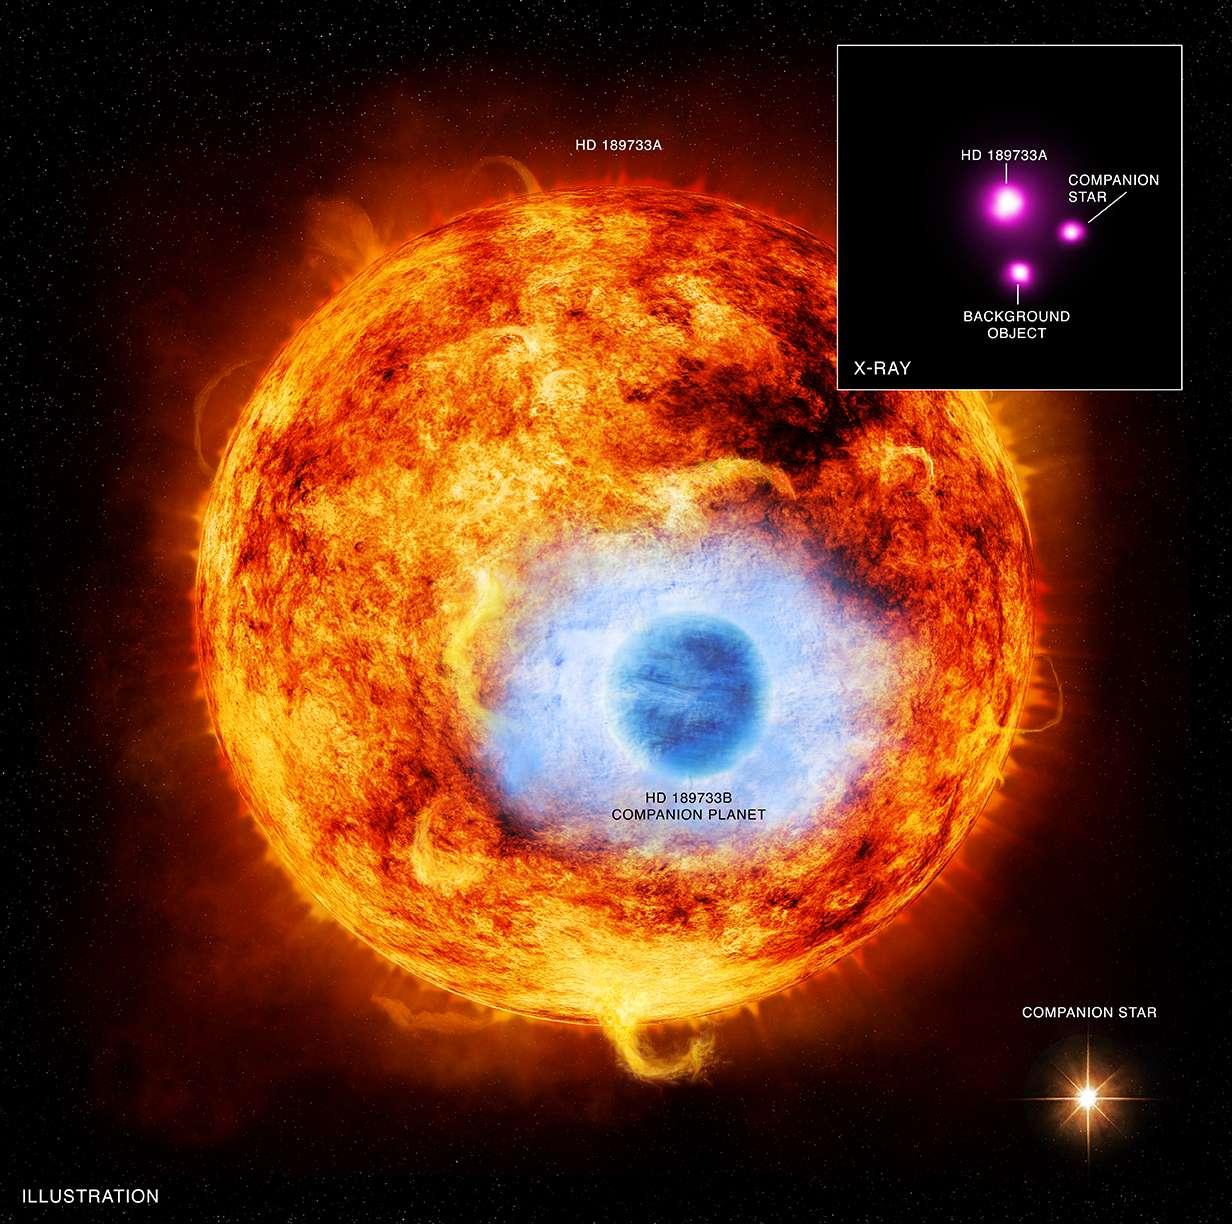 L'étoile HD 189733A avec le transit de son exoplanète HD 189733b en vue d'artiste. L'atmosphère de la Jupiter chaude est dilatée par la chaleur, et s'évapore sous l'action des rayons X produits par l'étoile. En haut à droite, l'image prise par Chandra montre le système binaire constitué par HD 189733A et sa compagne, une naine rouge. HD 189733b est noyée dans le rayonnement X de HD 189733A, alors que la source tout en bas de l'image est une étoile qui ne fait pas partie de l'étoile double. © Rayons X : Nasa, CXC, SAO, K. Poppenhaeger et al. ; Illustration : Nasa, CXC, M. Weiss